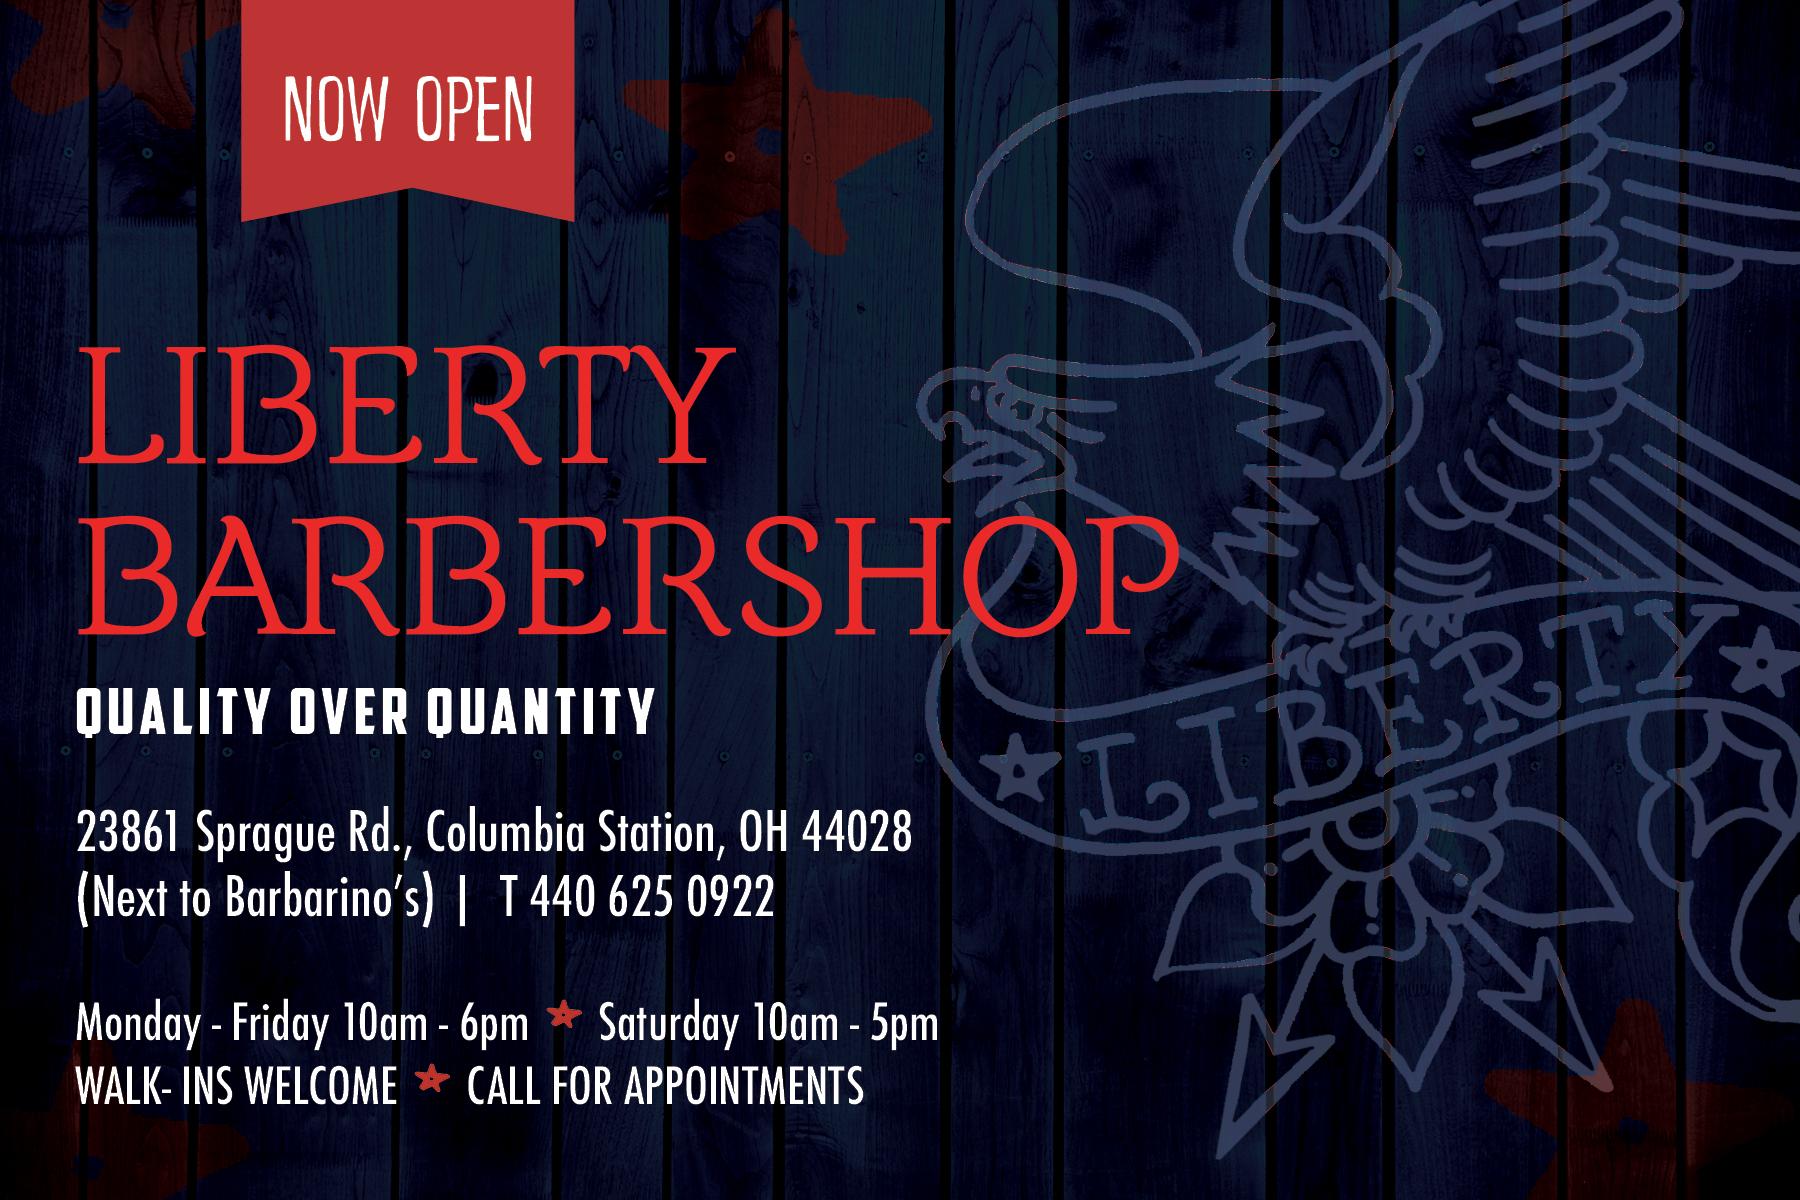 LibertyBarbershop_6x4postcard.jpg